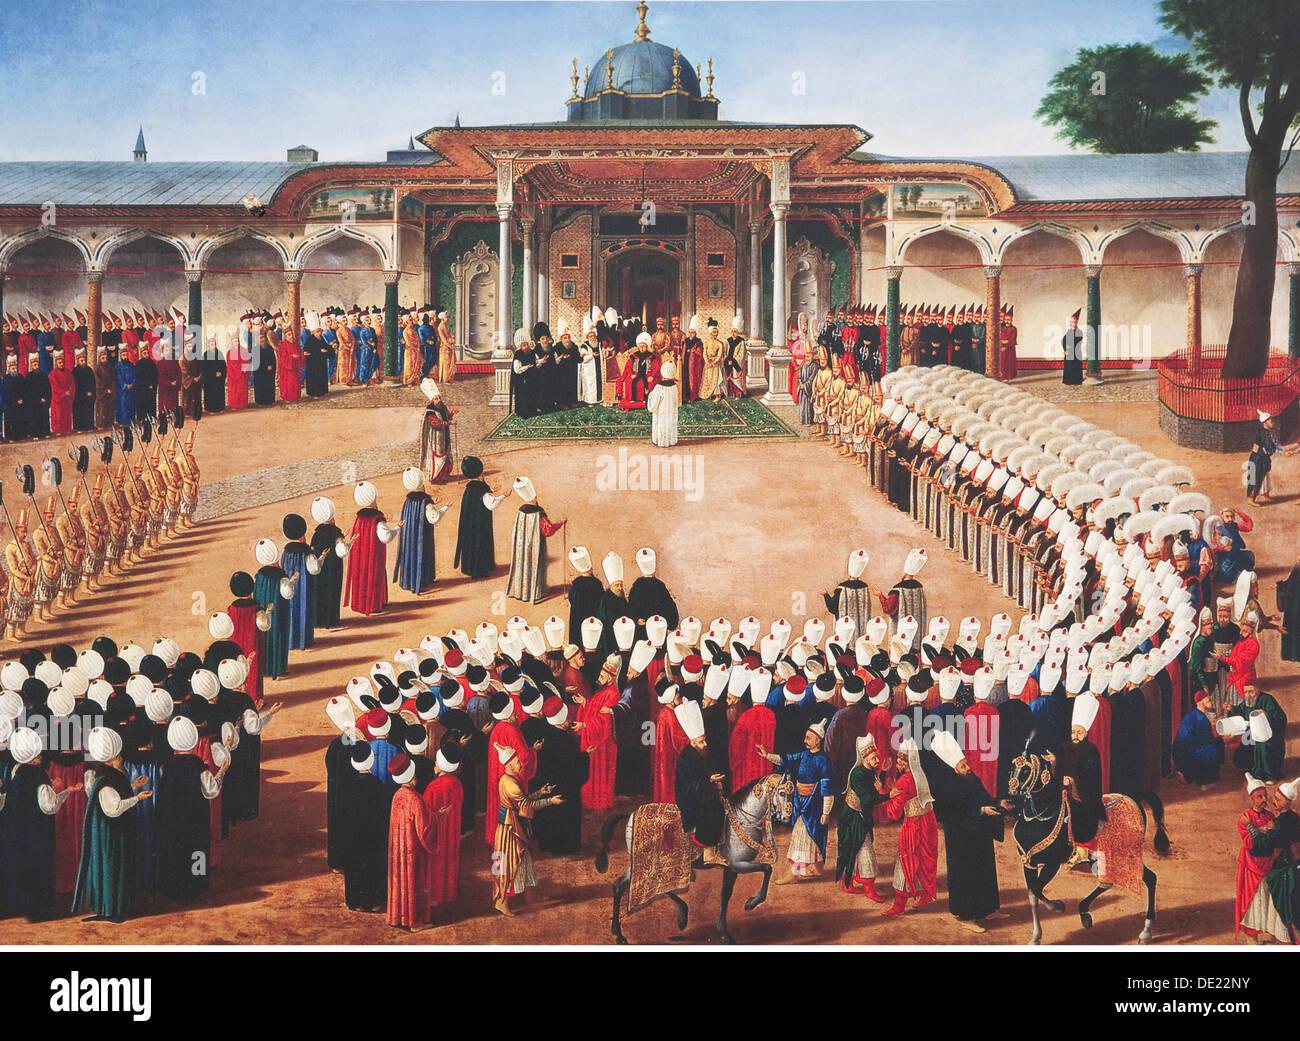 Bildende Kunst, Byzantinische Reich, dem Topkapi Palast, Malerei, Istanbul, Artist's Urheberrecht nicht gelöscht Stockfoto